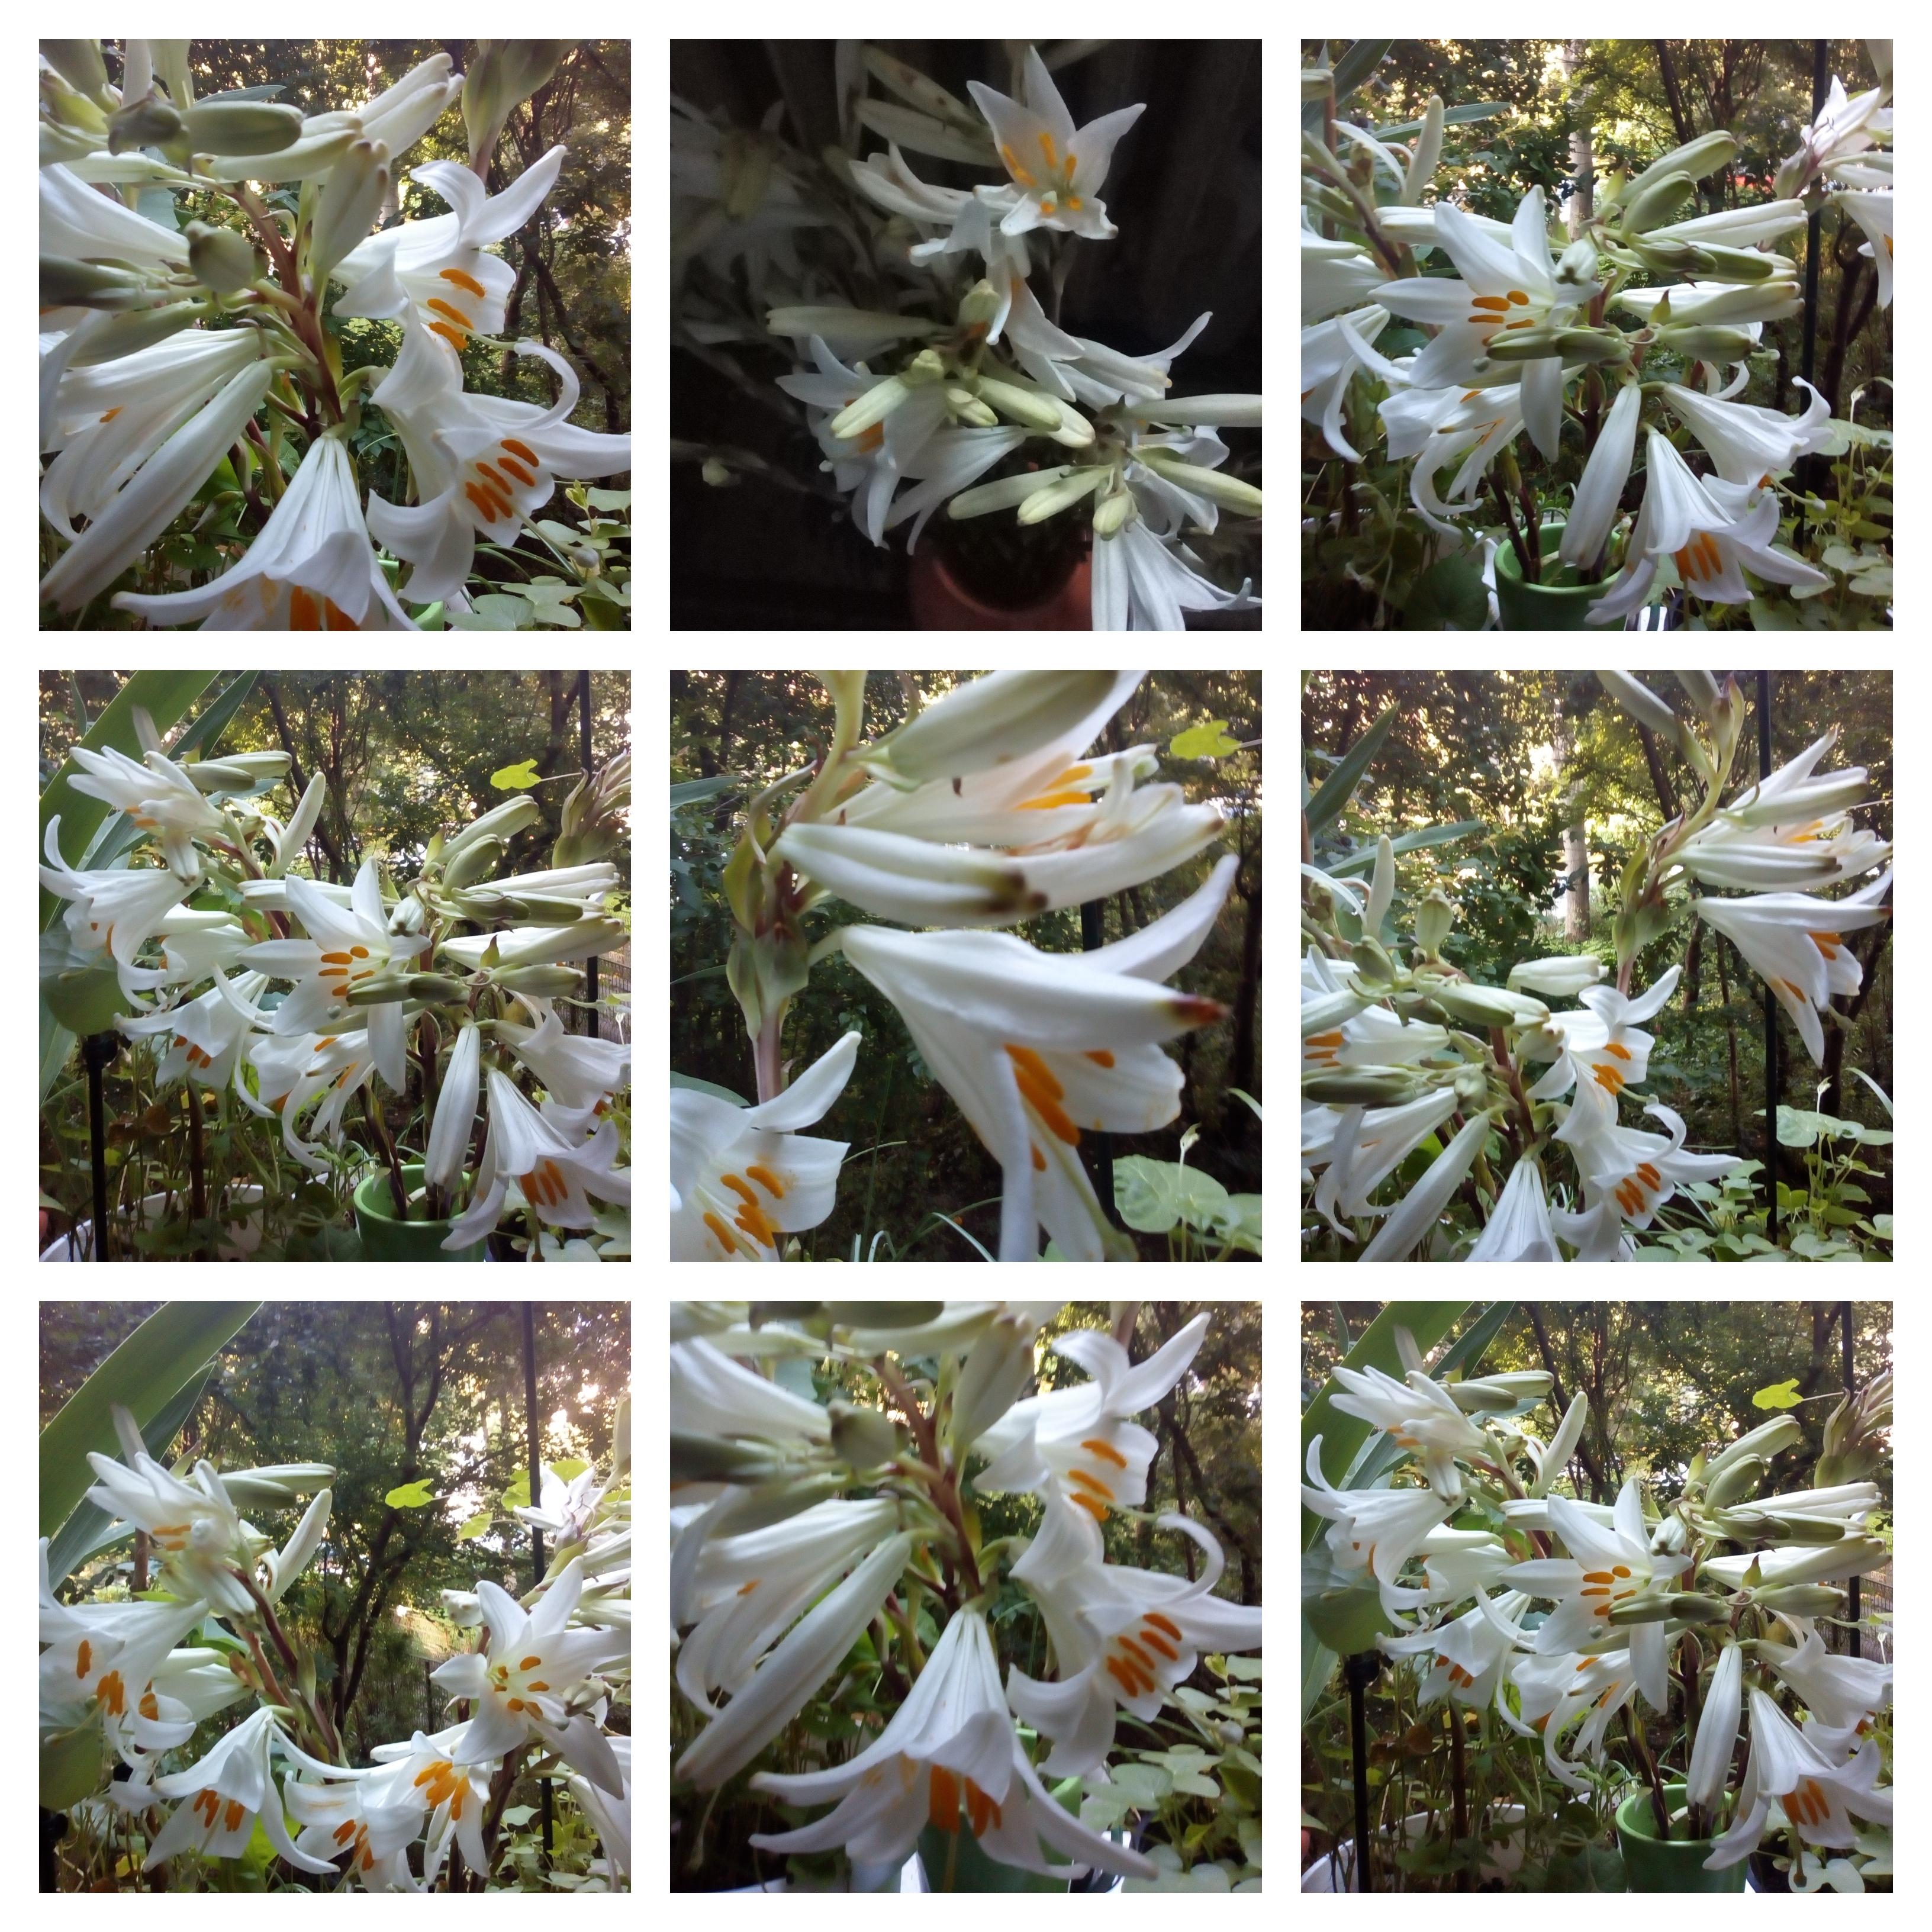 collage crini albi 13 iunie